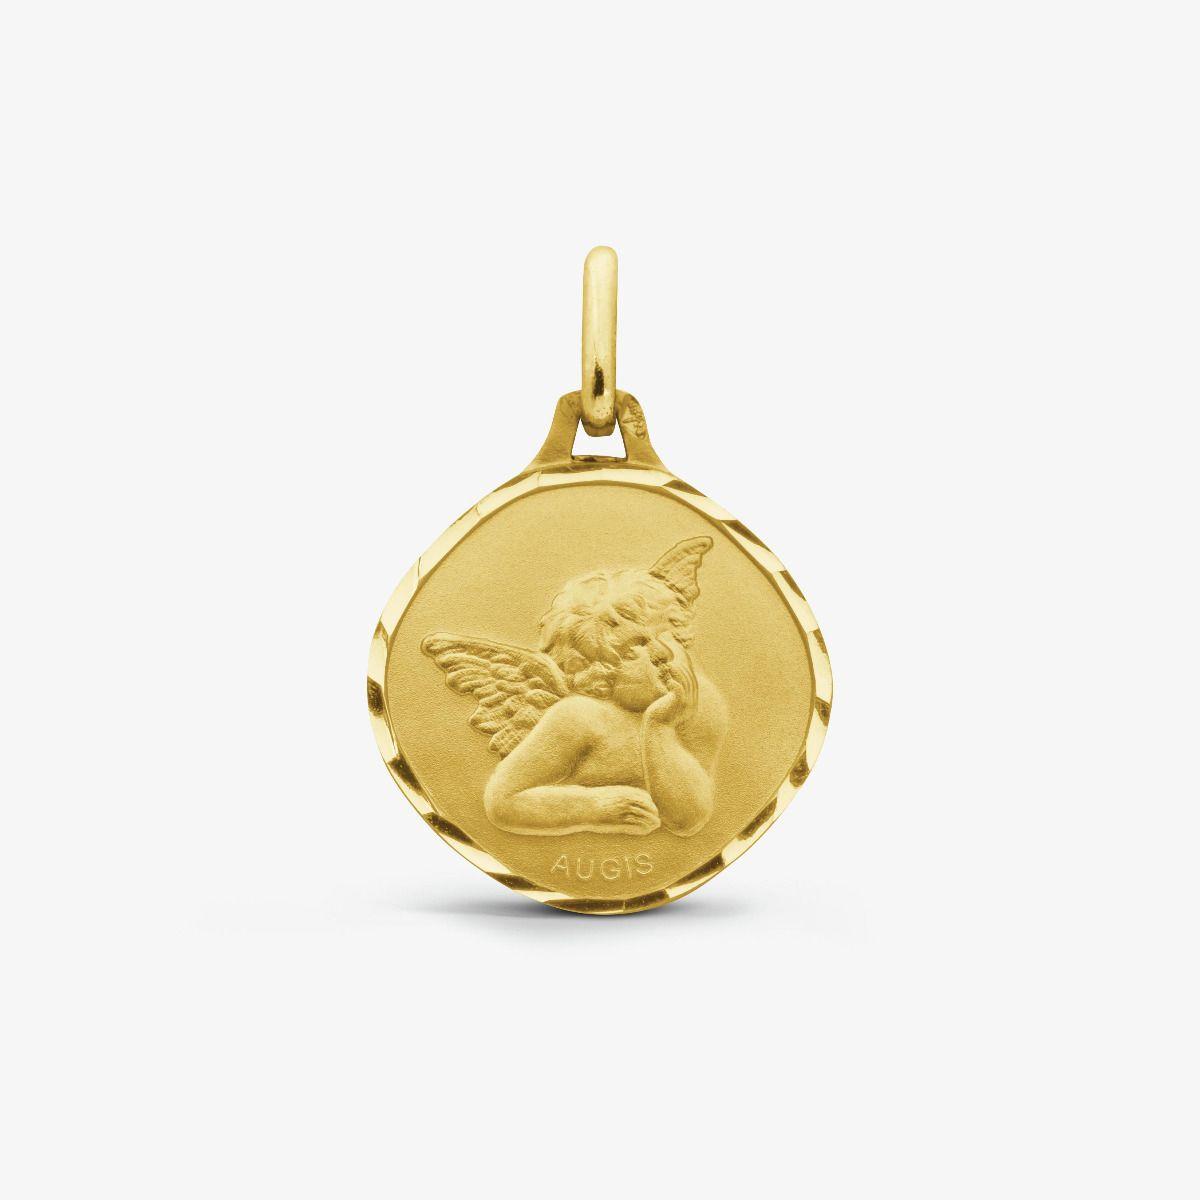 Médaille Ange de Raphaël Or Jaune 18 carats - 15 mm